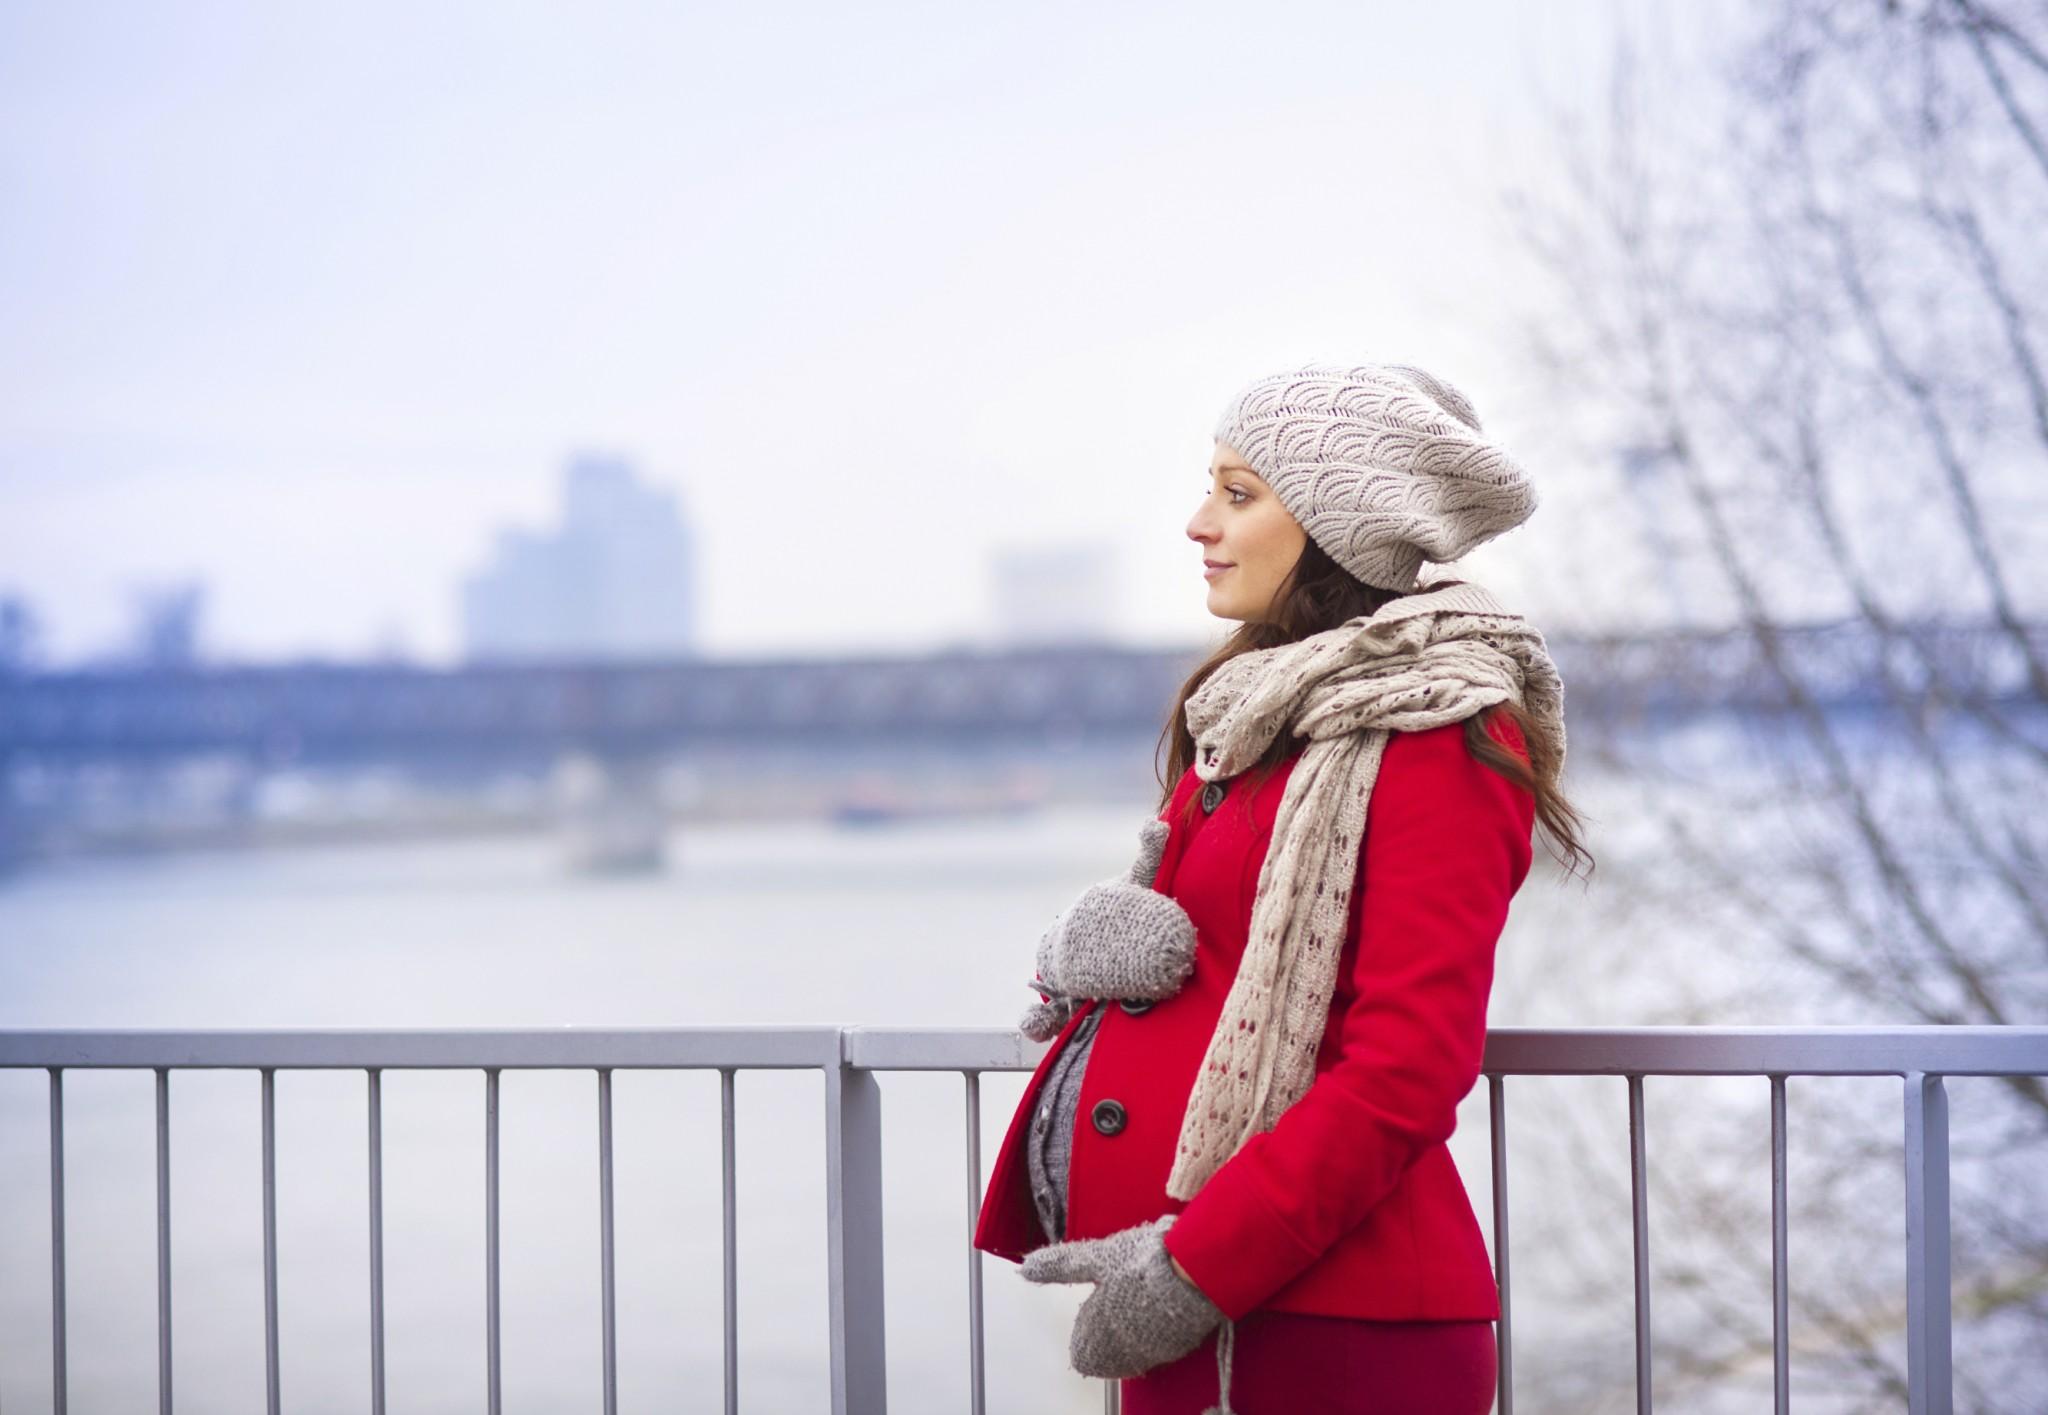 Kışın yeni doğmuş bir bebek giymek, nasıl soğuk olmayacak